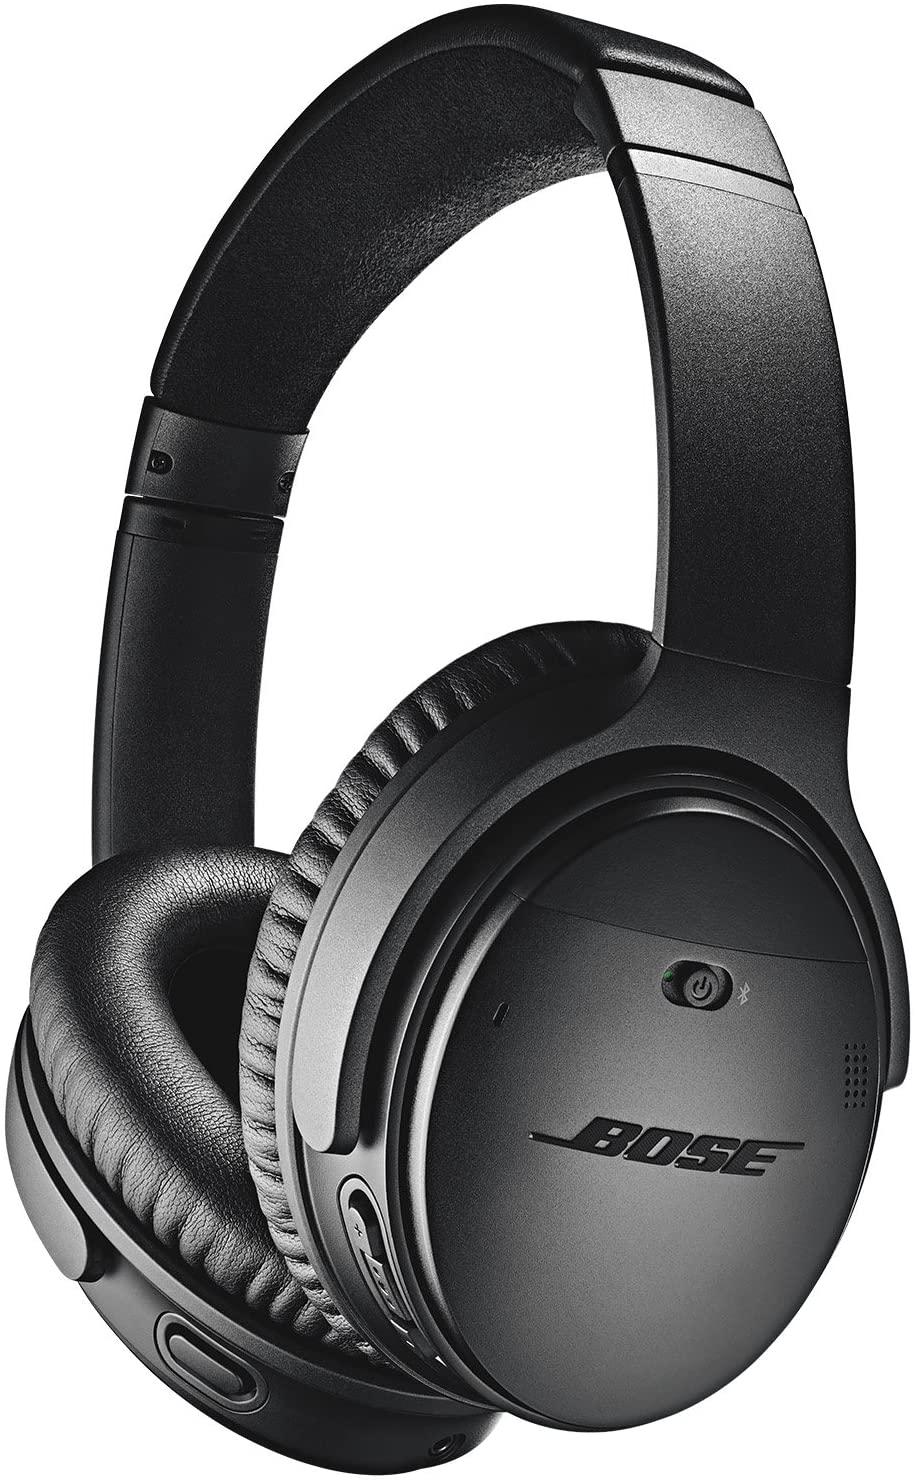 Casque audio sans fil à réduction de bruit active Bose QuietComfort 35 II - Argent ou Noir